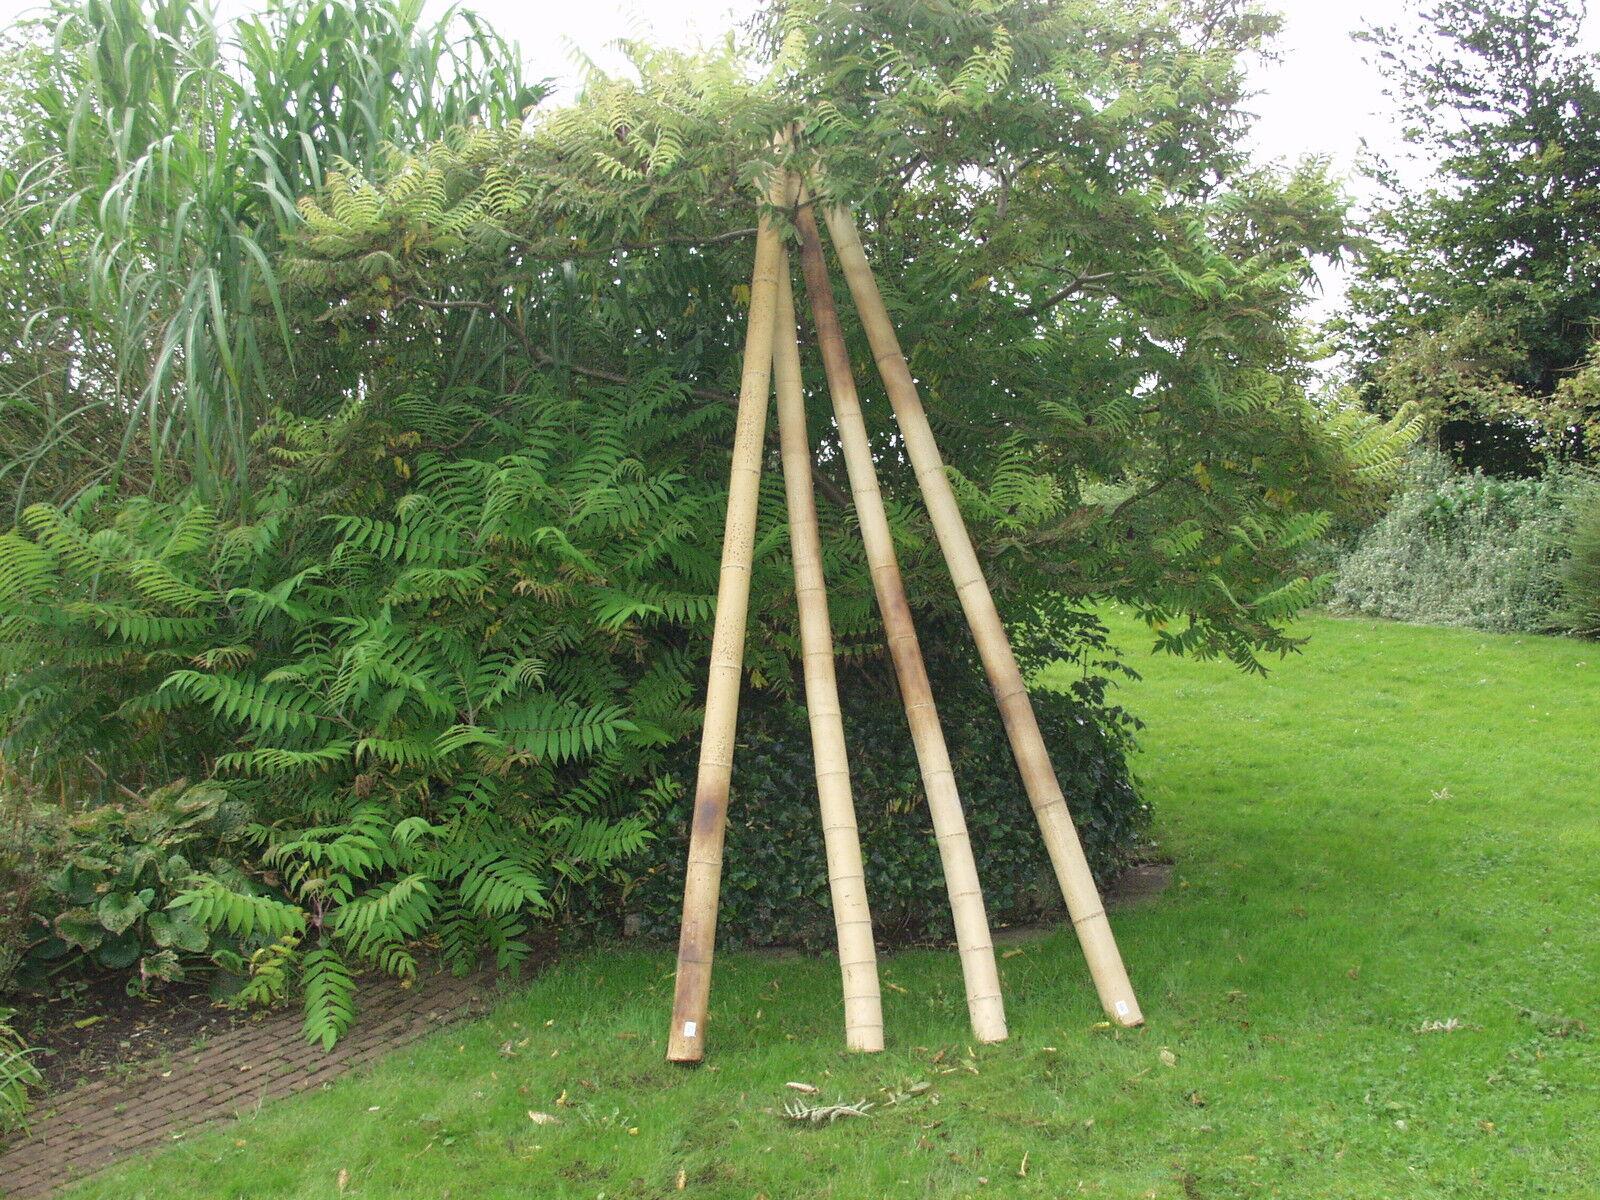 Bambusrohr Bambuspfosten Pfosten für Bambus Sichtschutz Gartenzaun